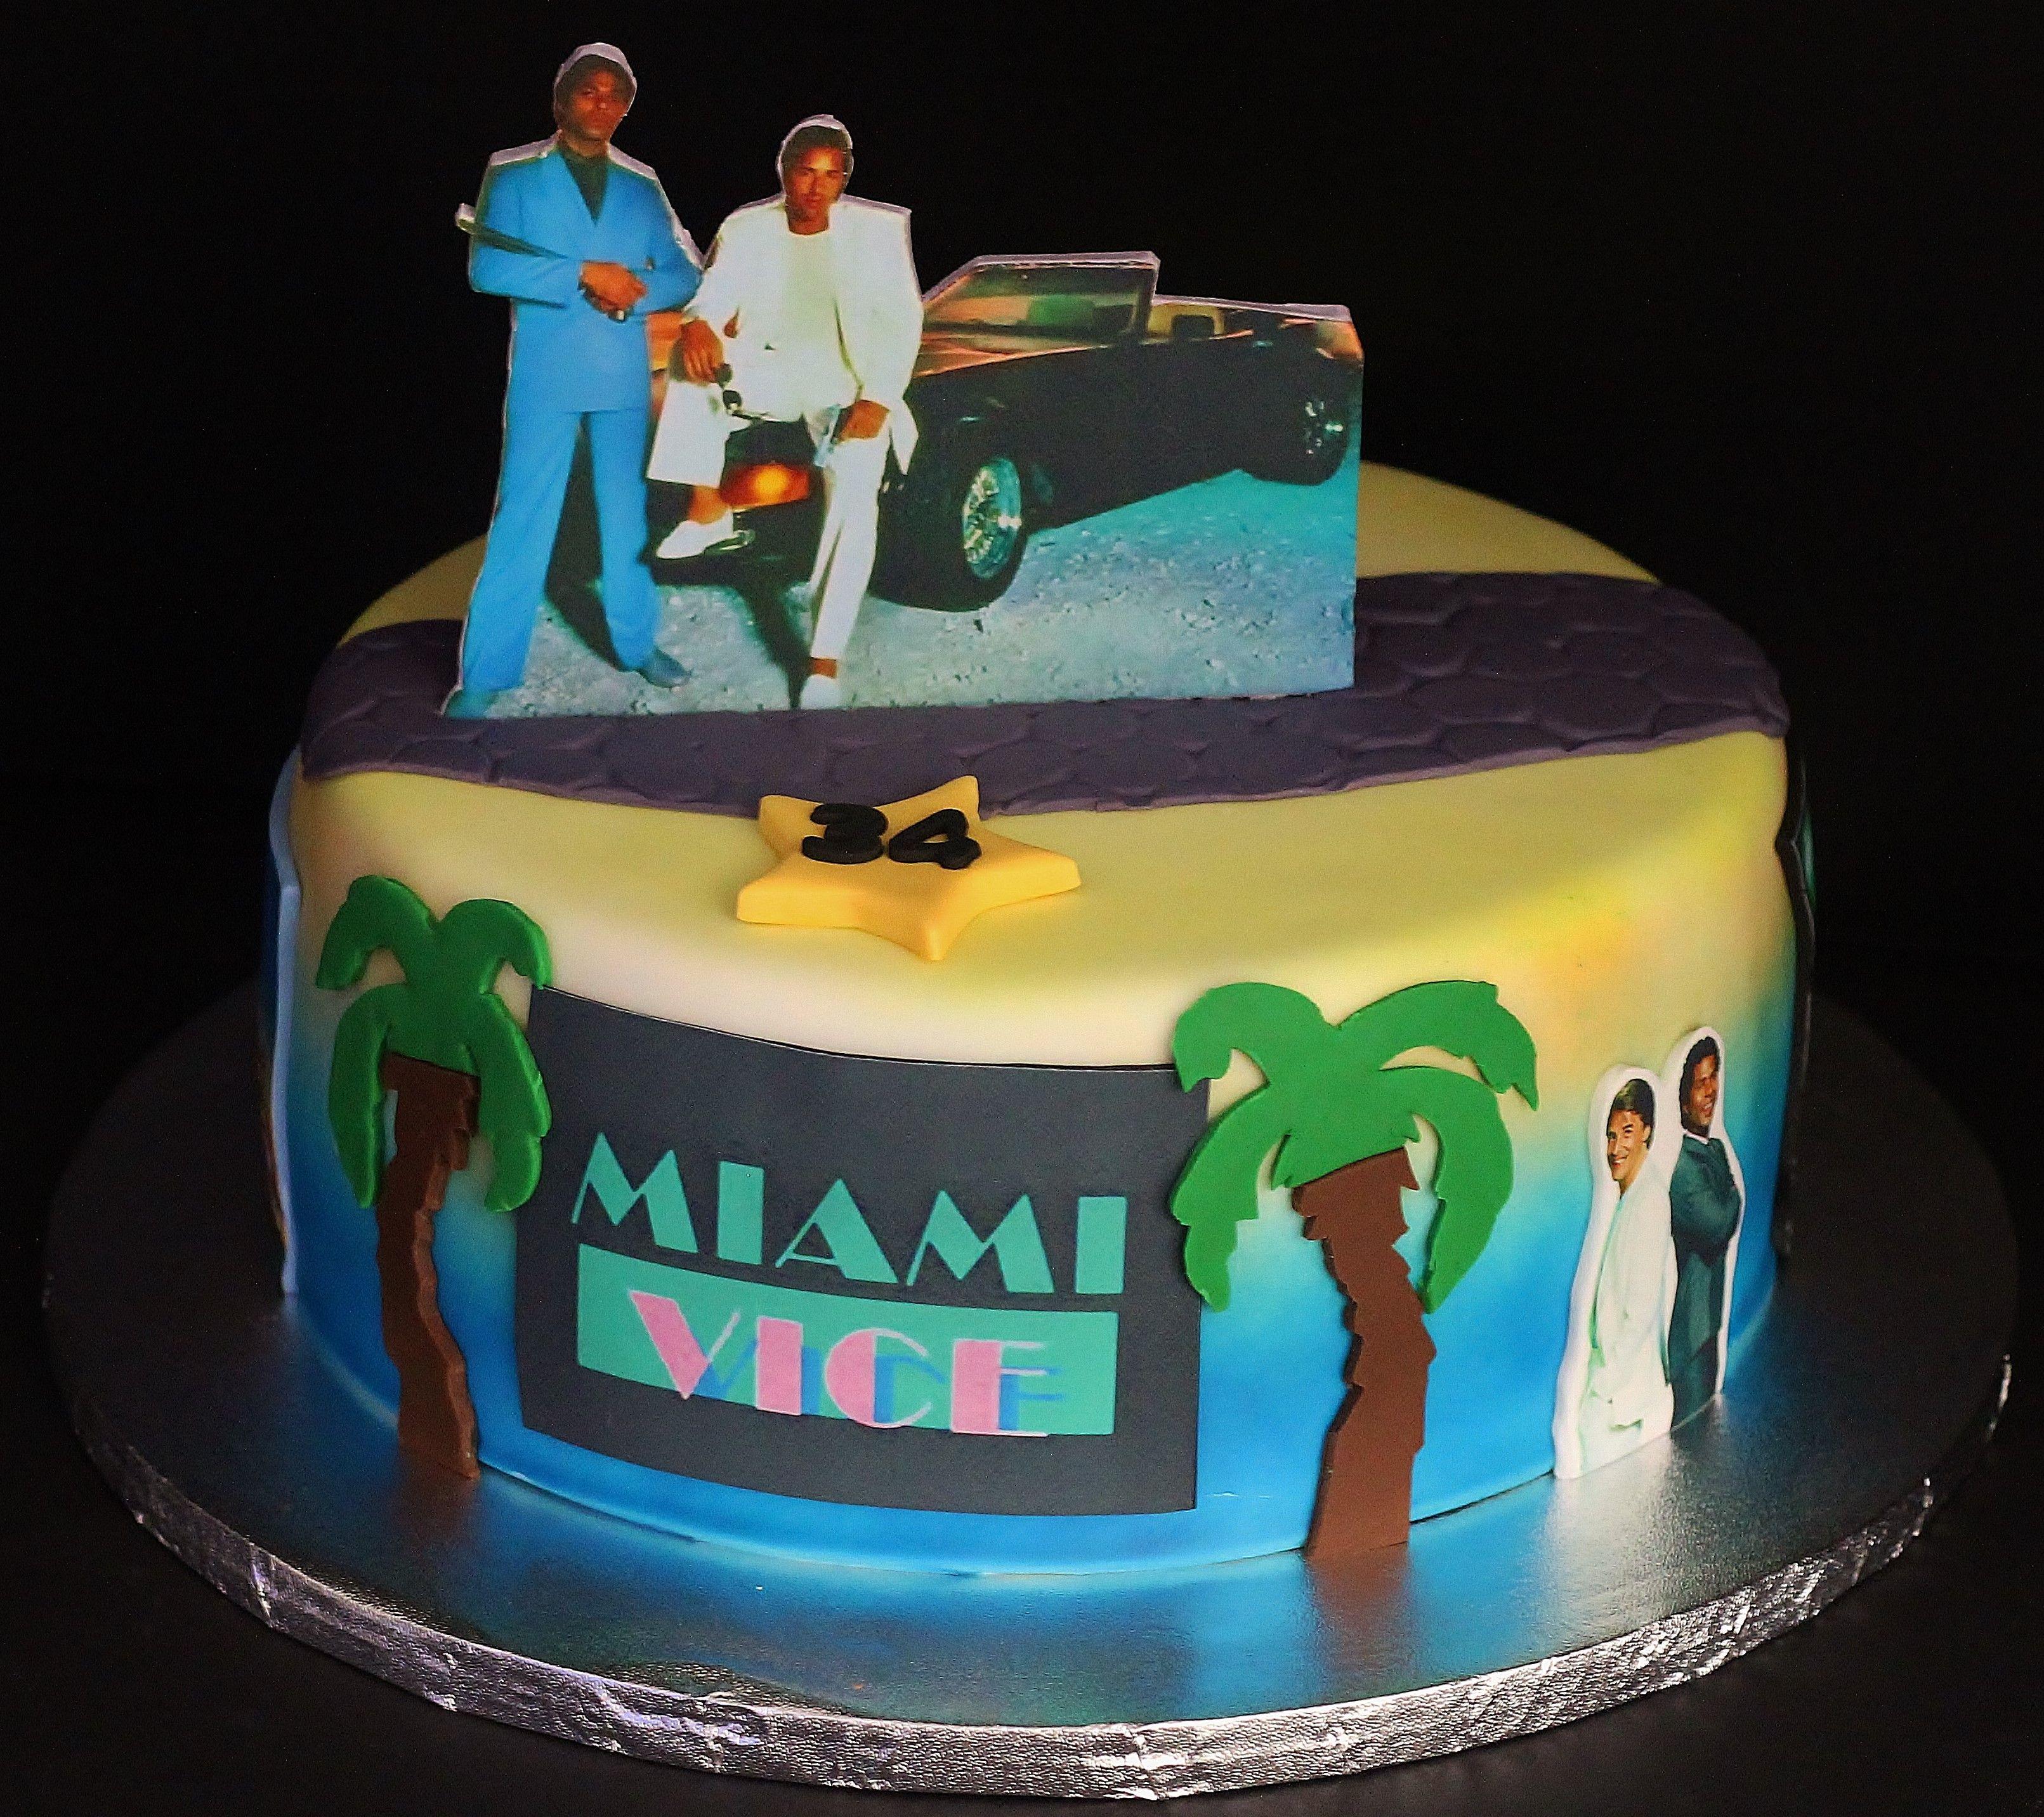 Miami Vice Cakes by Cecy Huezo . www.delightfulcakesbycecy